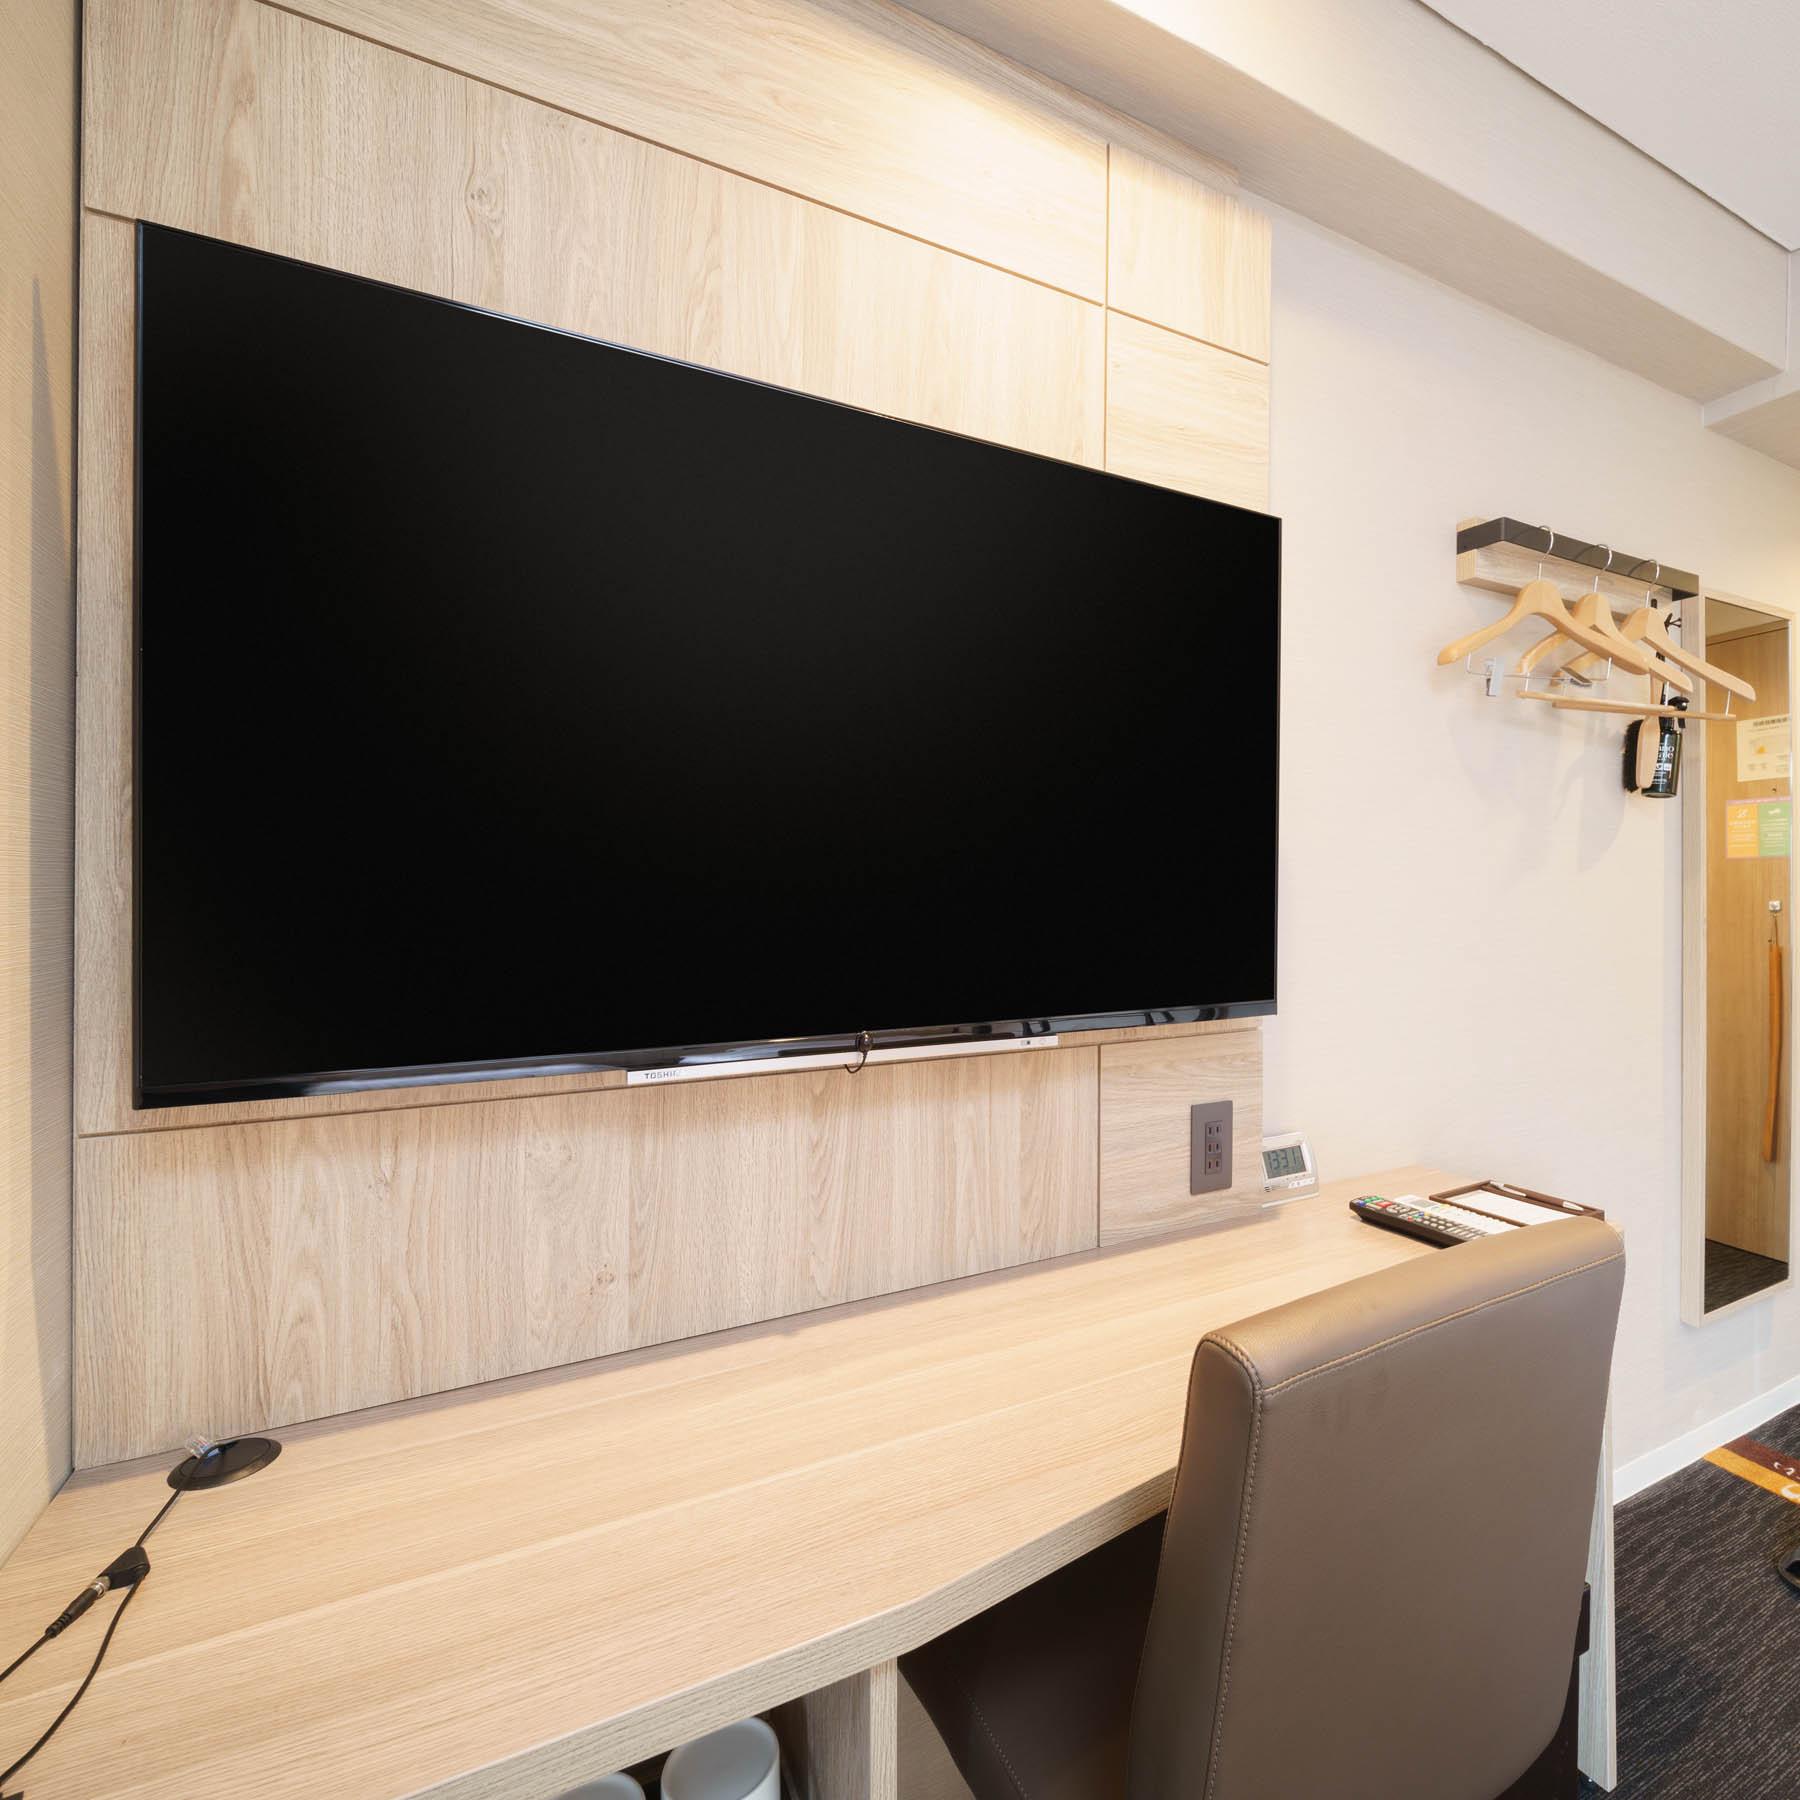 50インチ大型液晶テレビ全室完備★2019年3月20日リニューアル